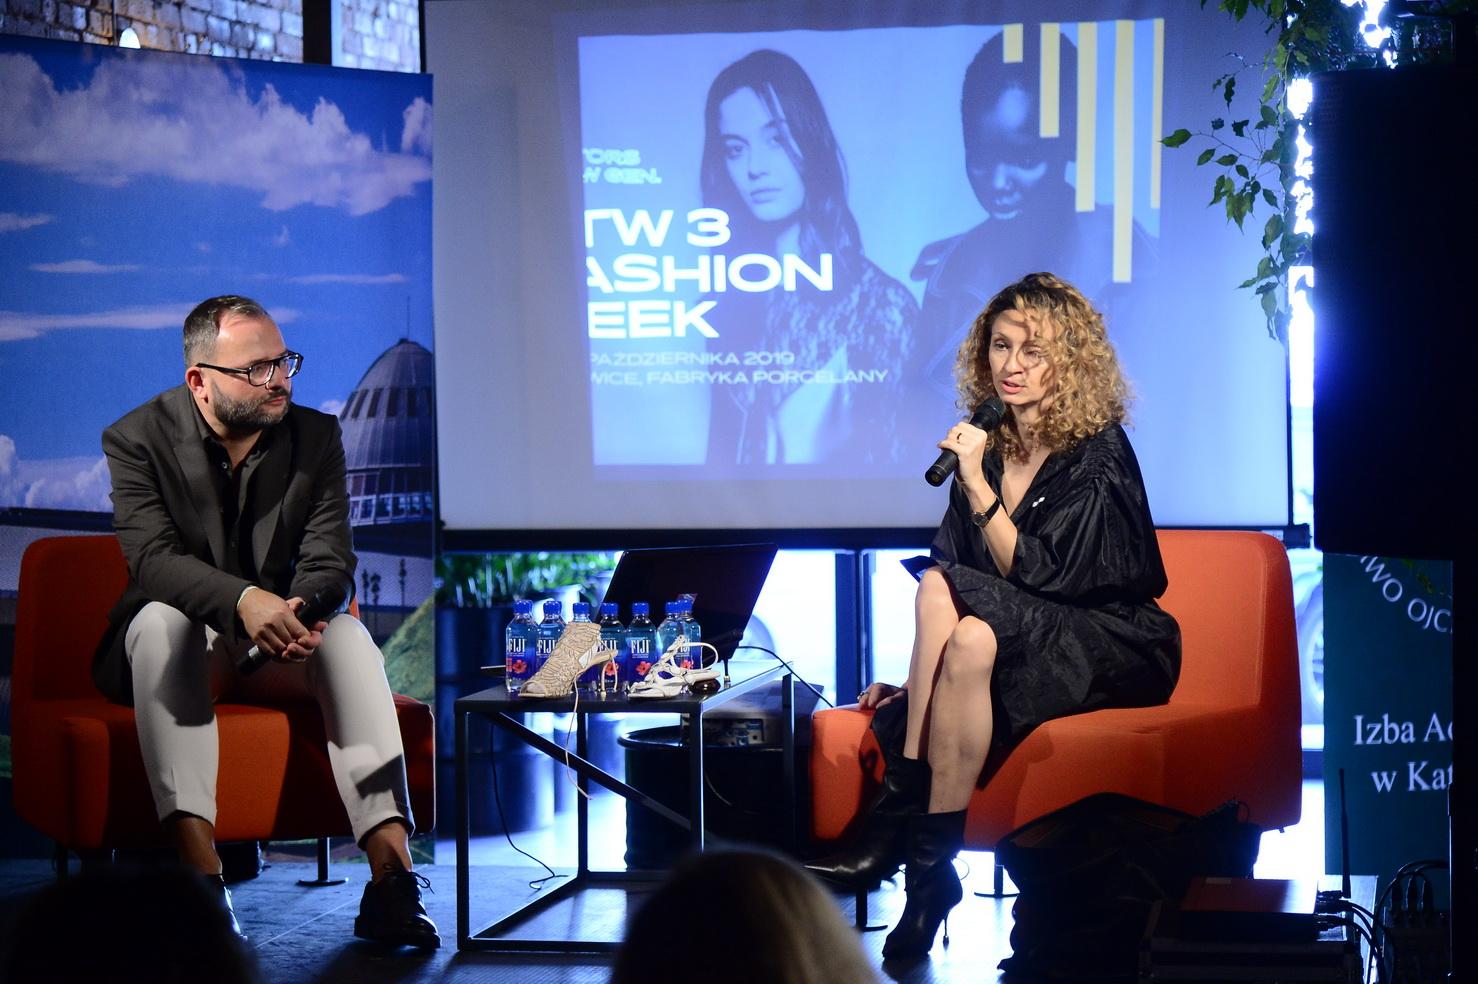 Radoslaw NAWROCKI / KTW Fashion Week